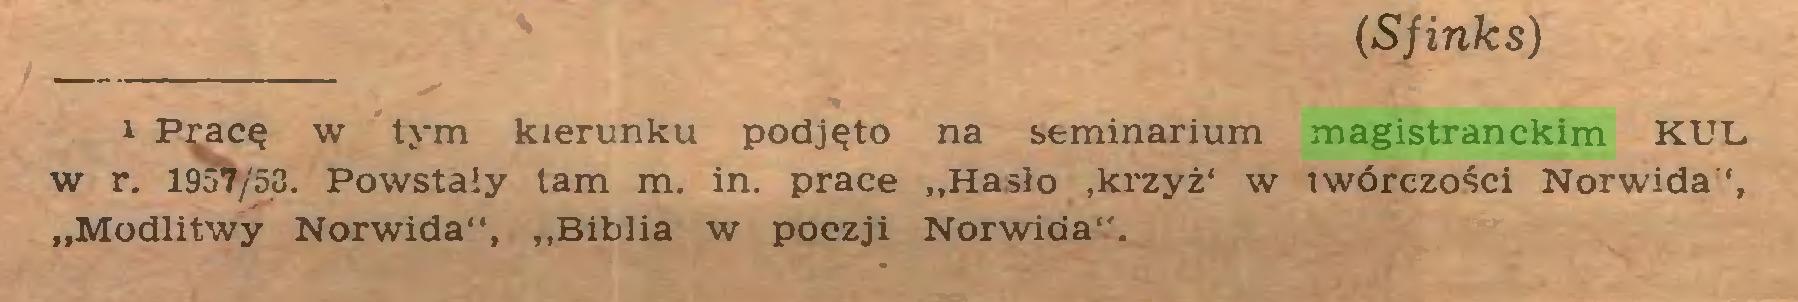 """(...) (Sfinks) i Pracę w tym kierunku podjęto na seminarium magistranckim KUL w r. 1957/53. Powstały tam m. in. prace """"Hasło ,krzyż' w twórczości Norwida """"Modlitwy Norwida"""", """"Biblia w poezji Norwida""""..."""